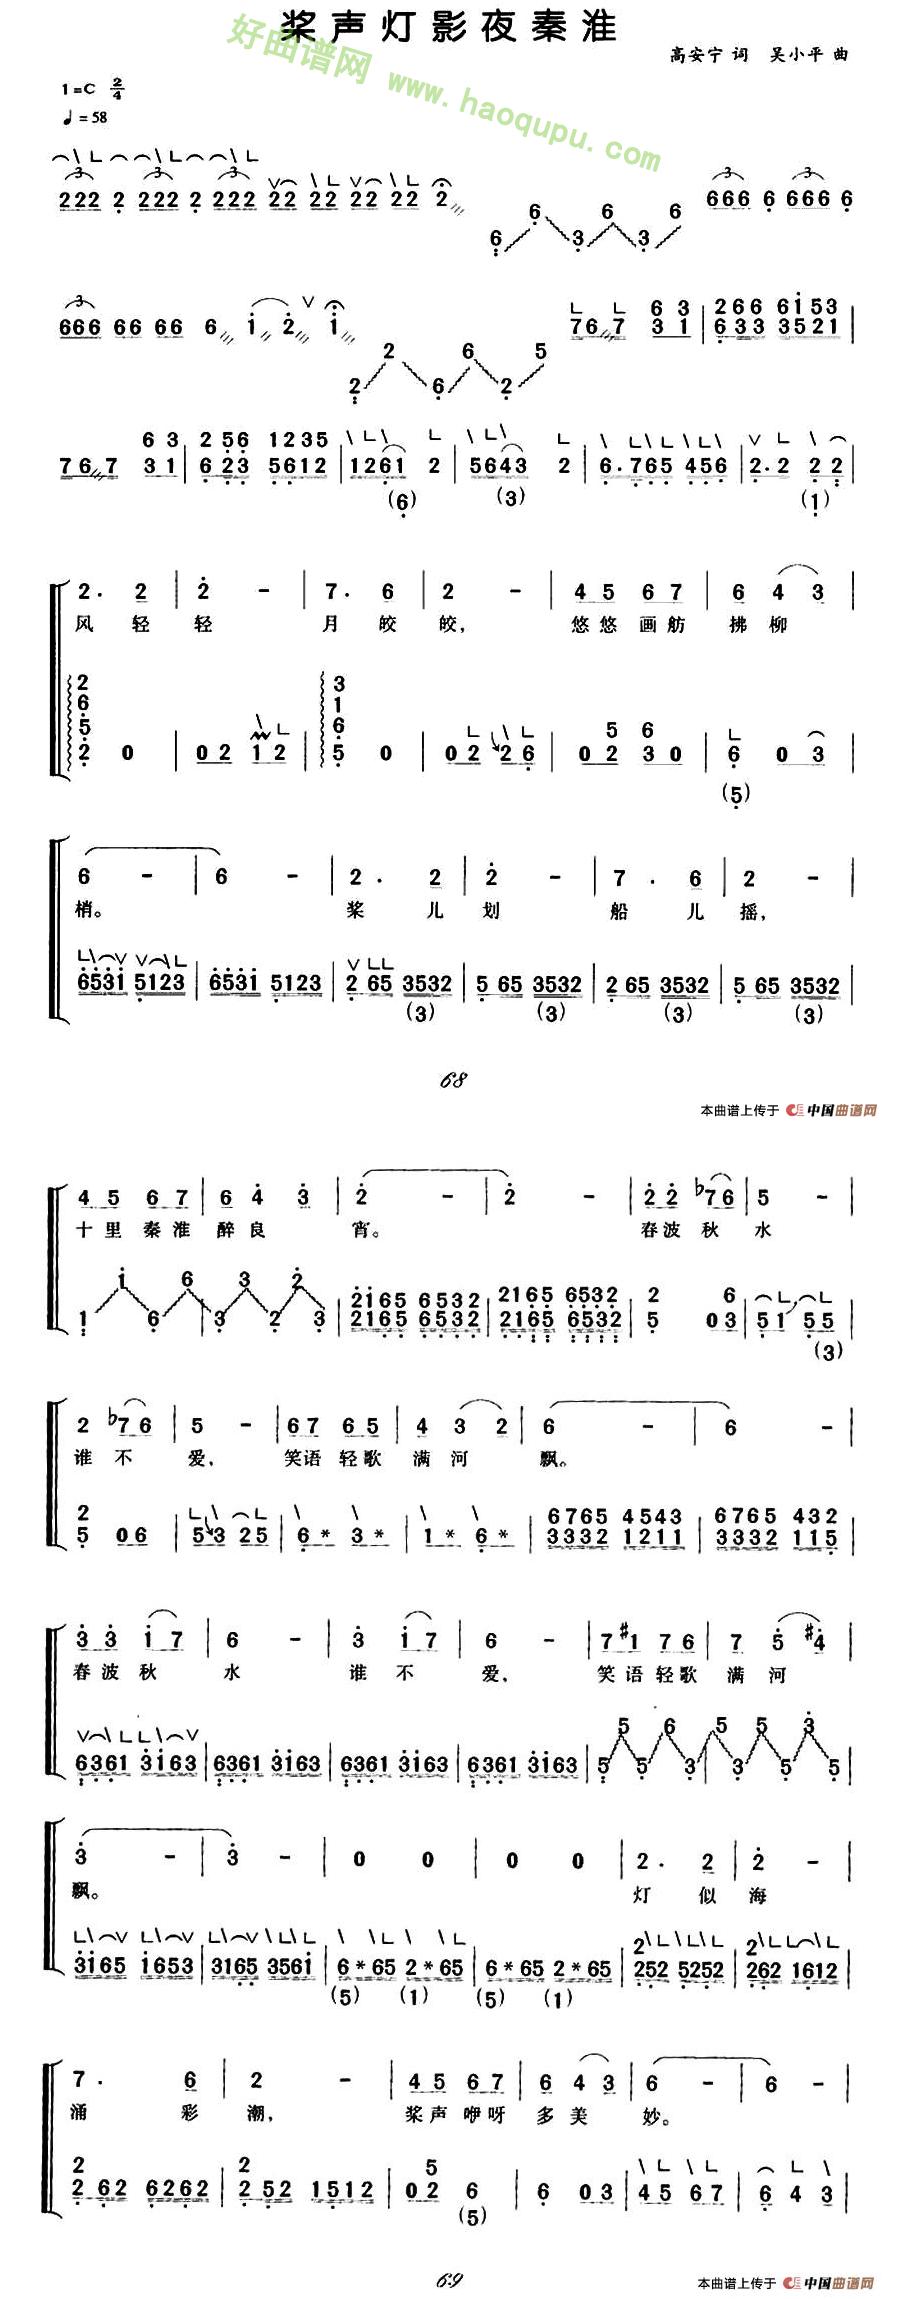 《桨声灯影夜秦淮》(弹唱谱)古筝曲谱第1张